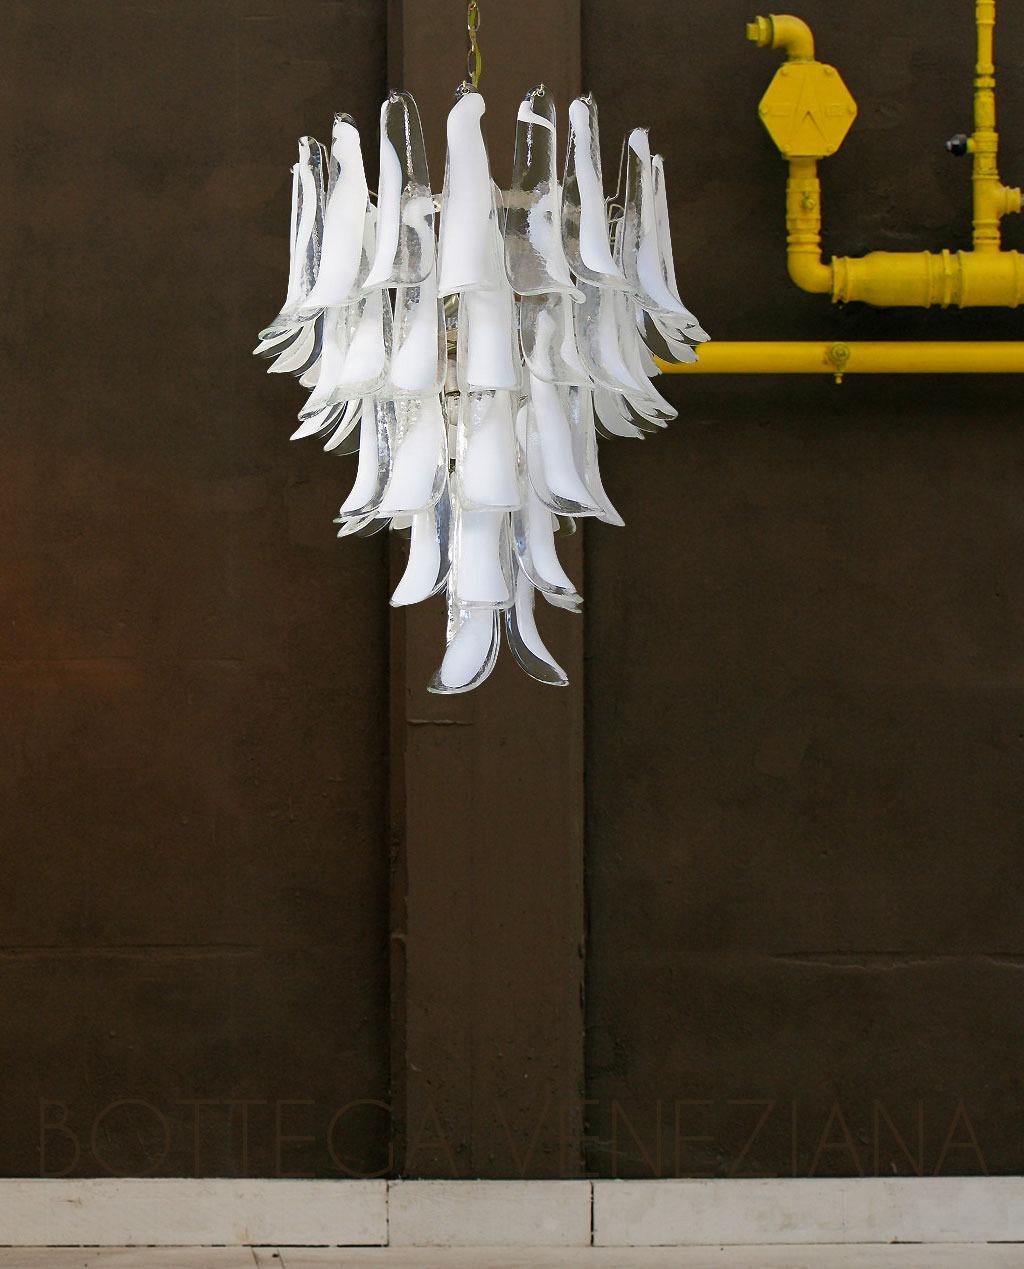 Bottega Veneziana | Lampadario modello ARTEMIDE vetro Murano cristallo a macchia bianca.